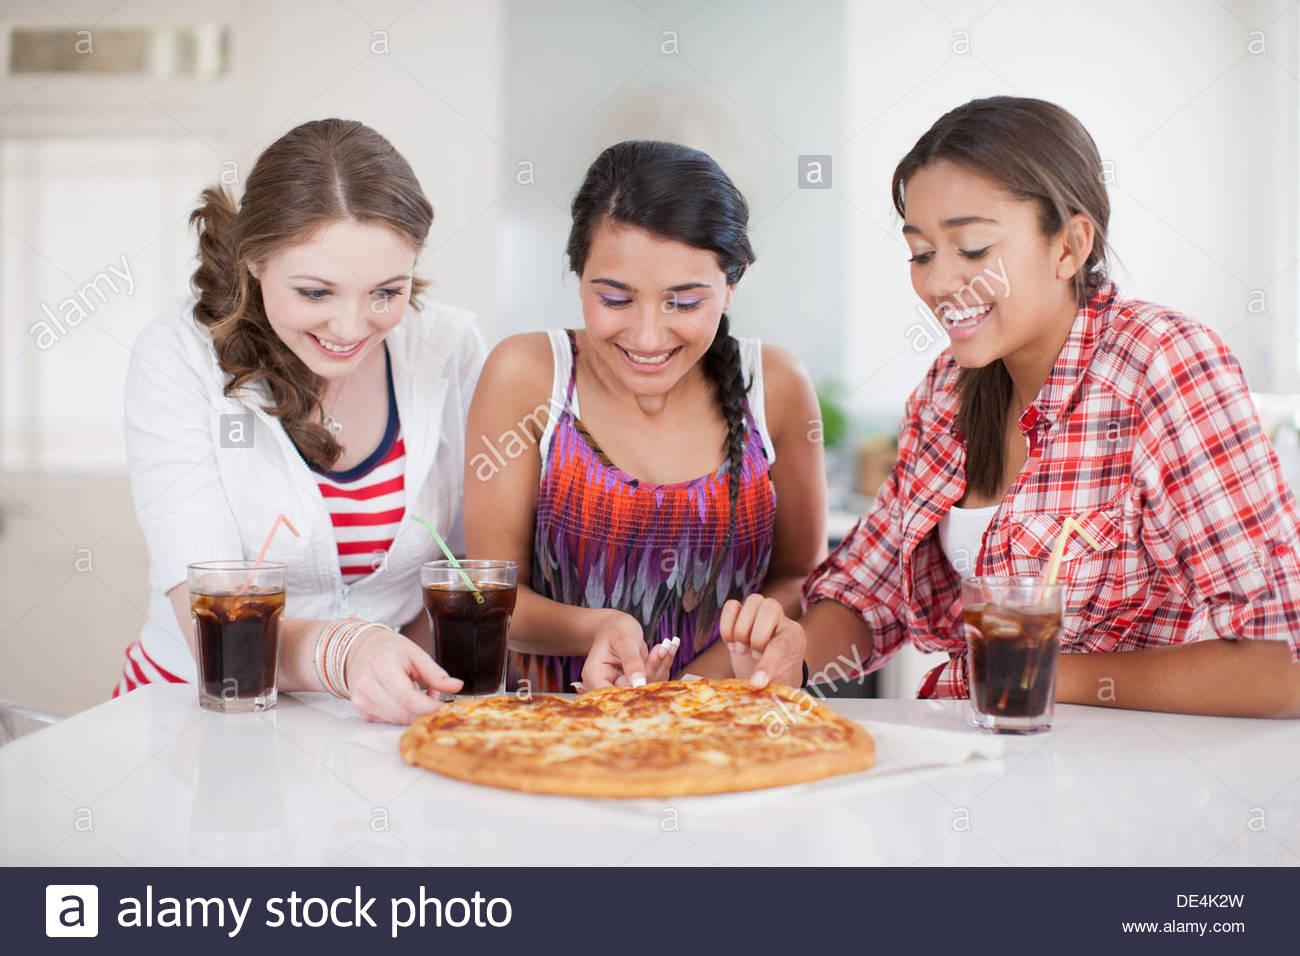 Le ragazze adolescenti mangiare la pizza Immagini Stock